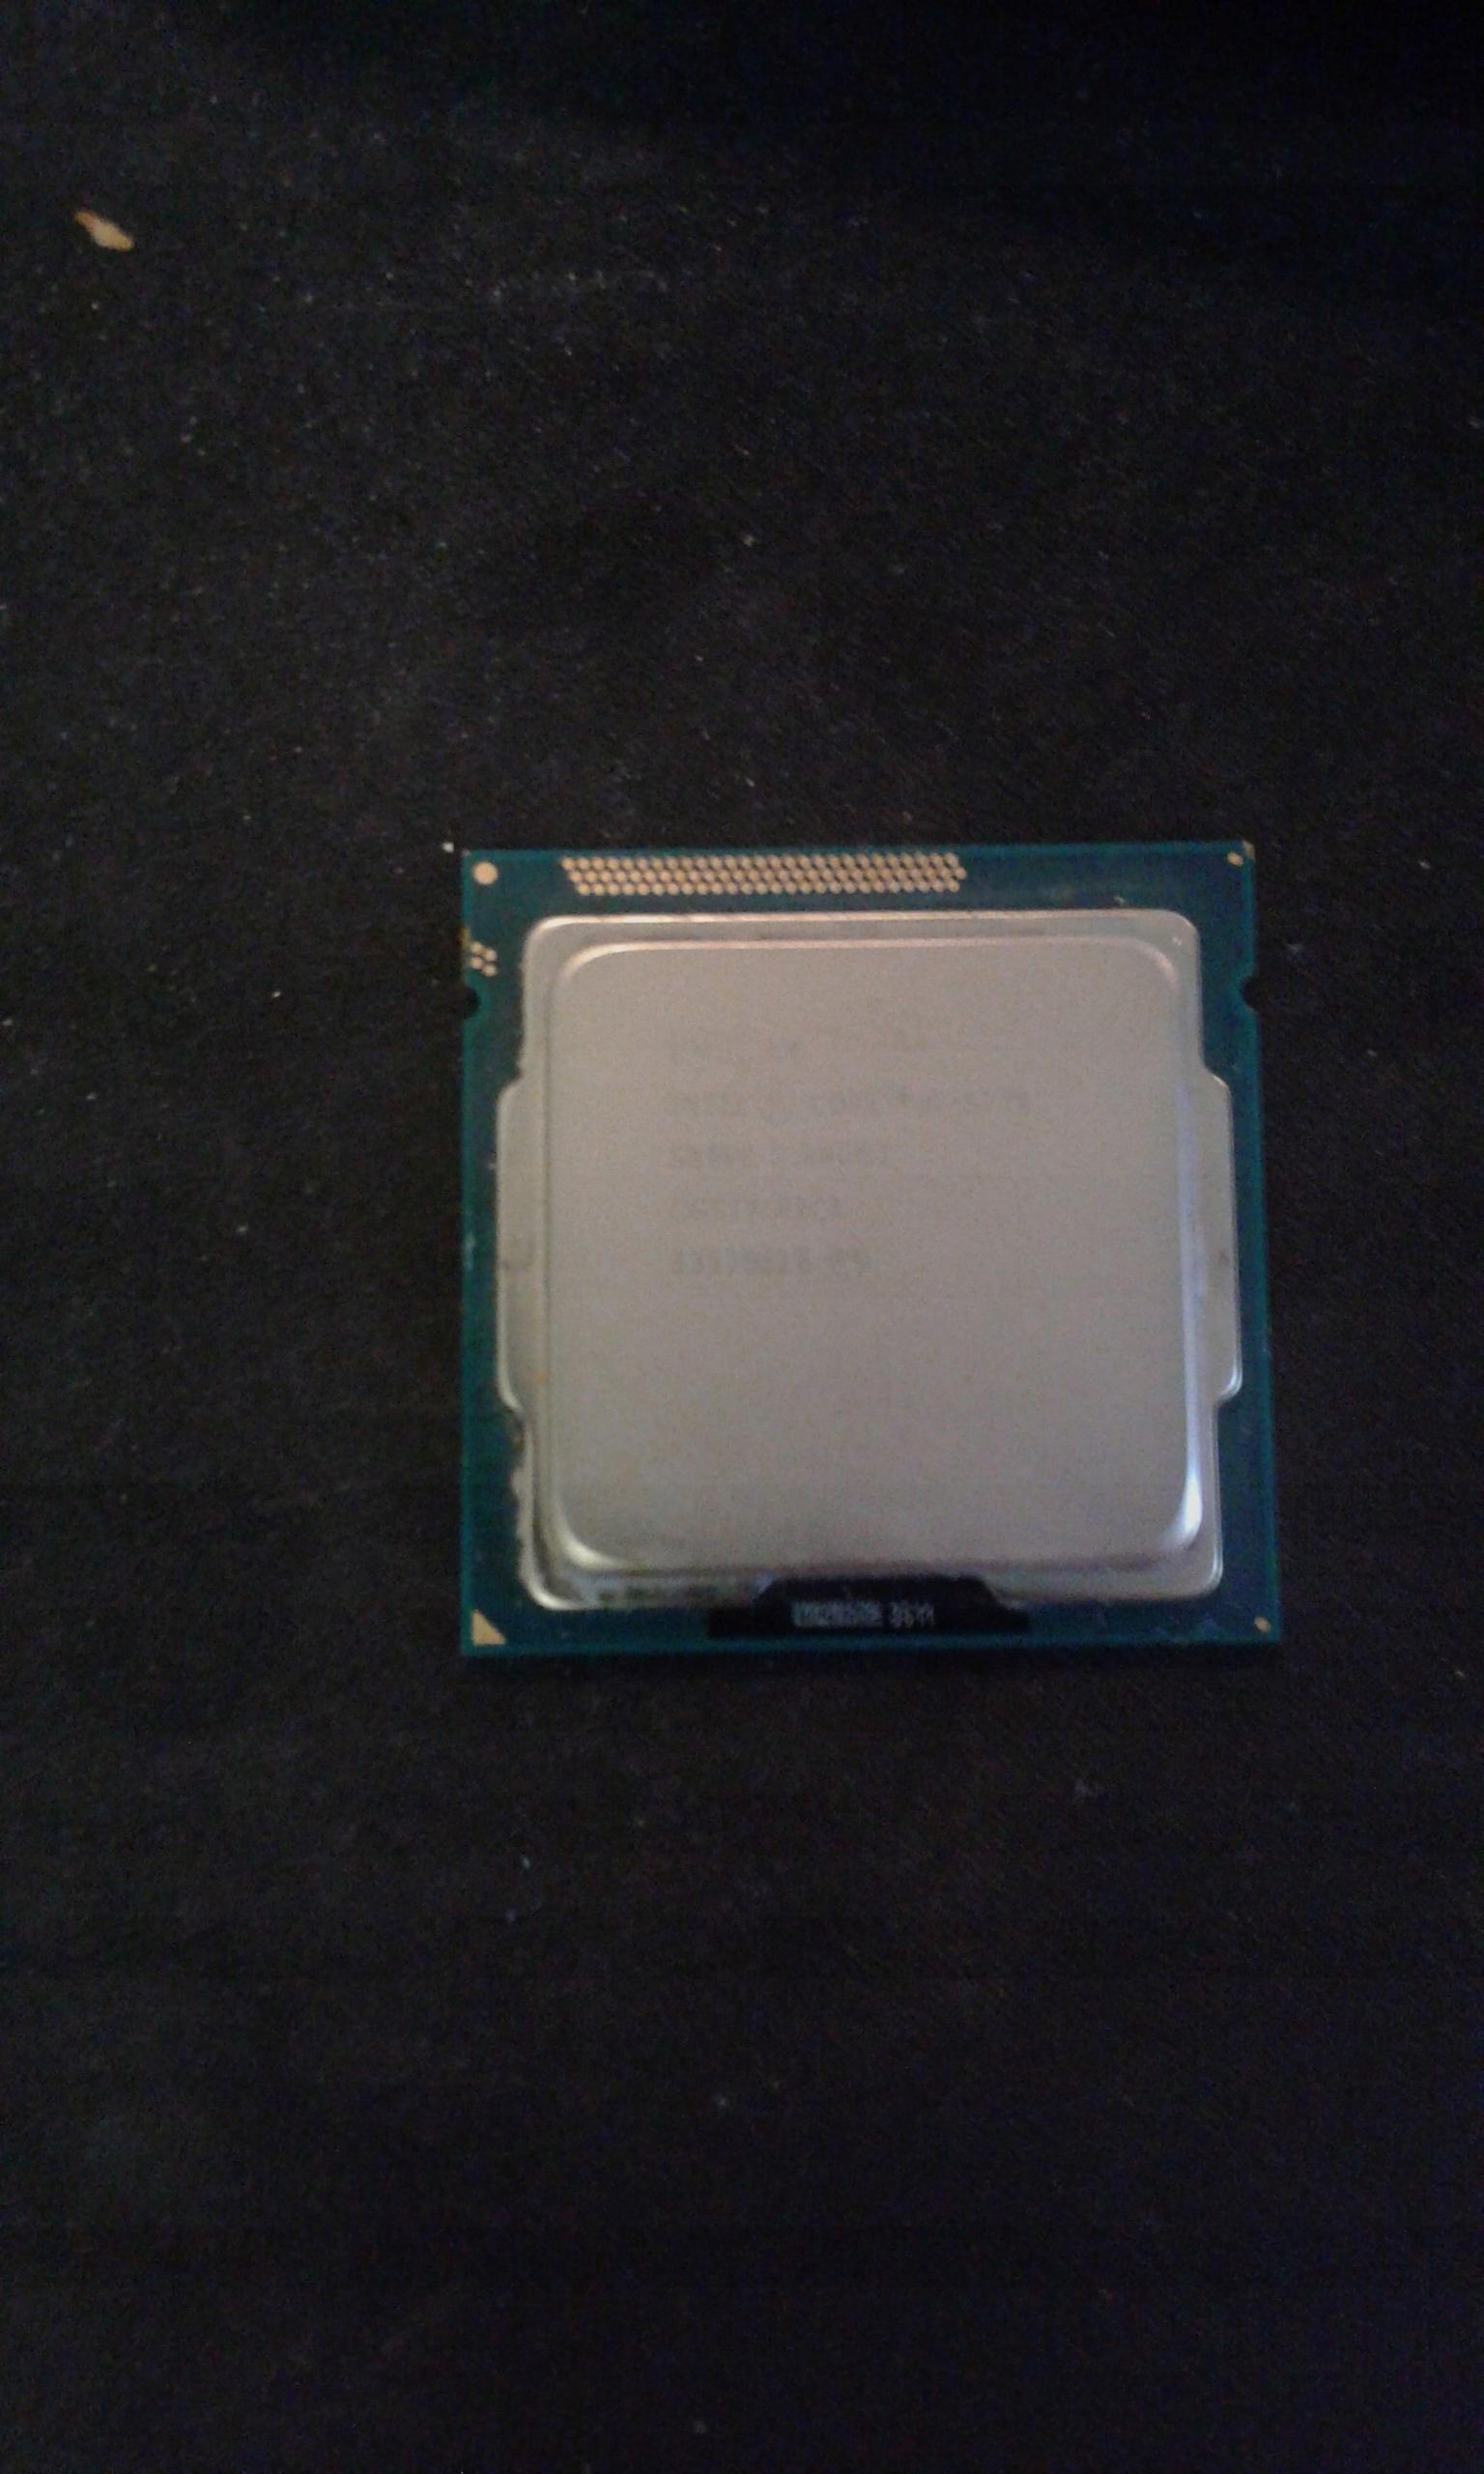 Intel Core i7 3770 LGA1155 Ivy Bridge